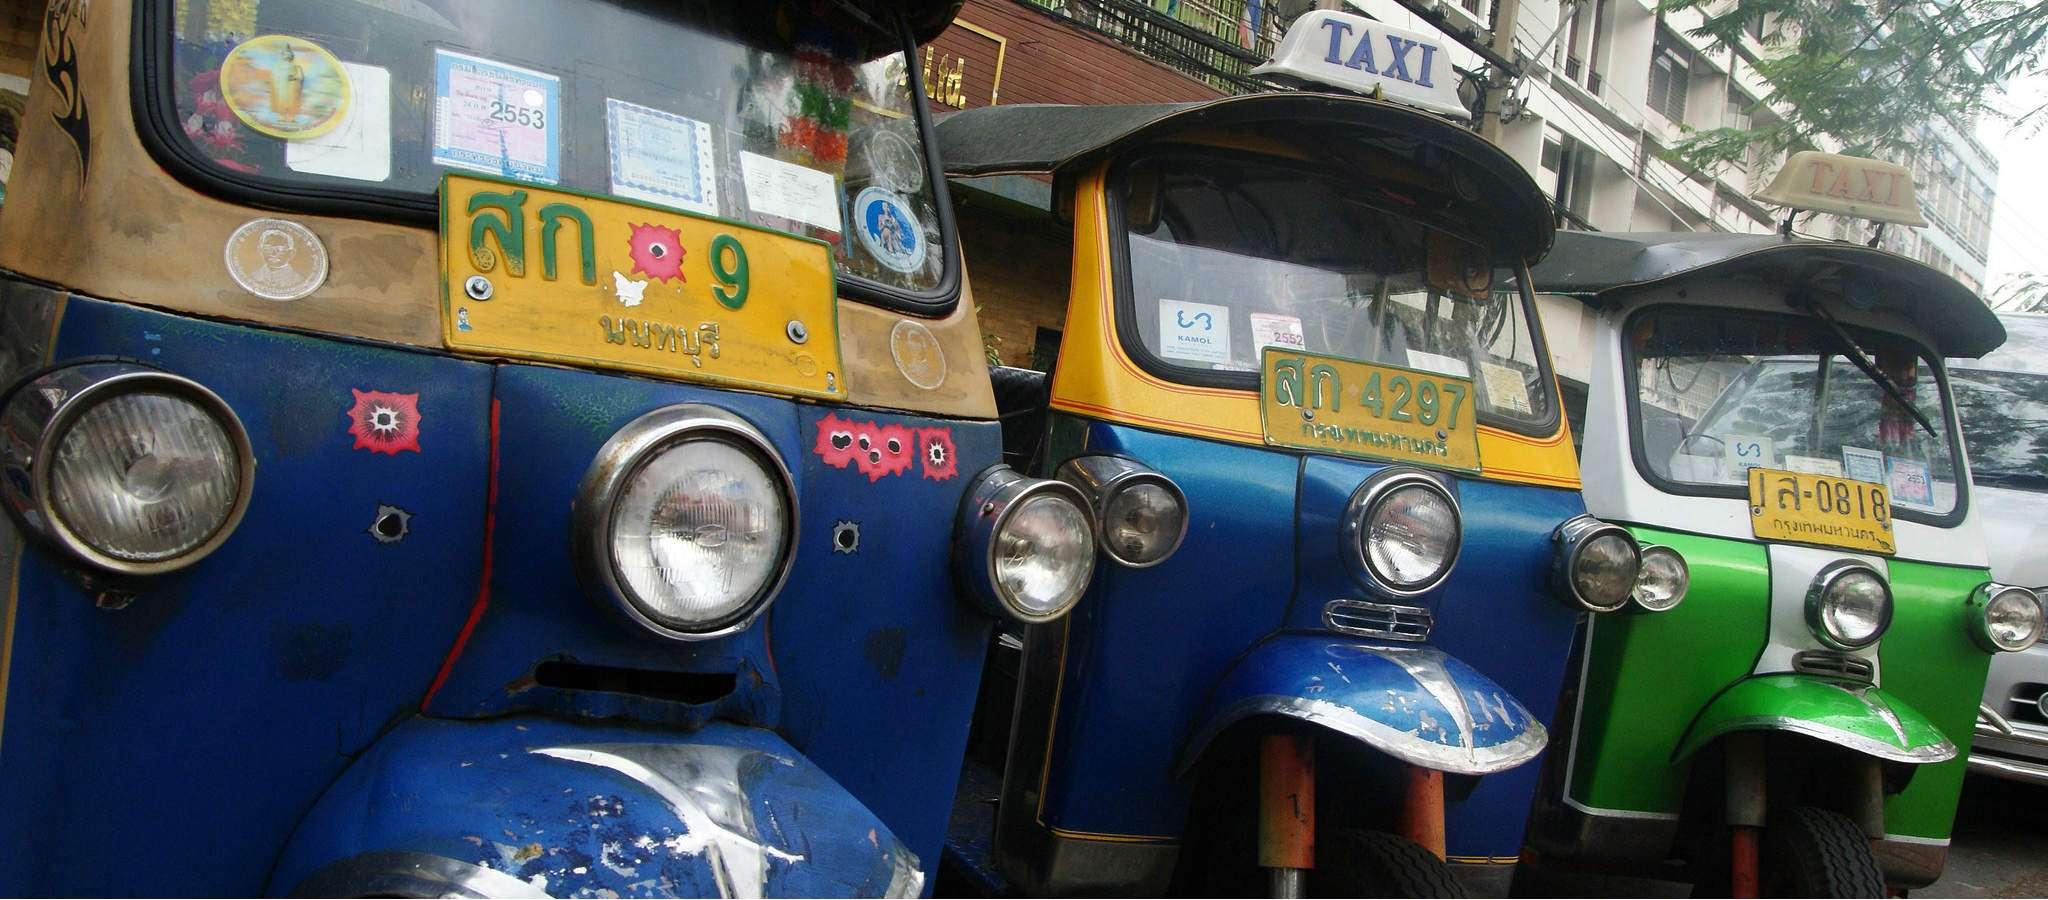 Drie Tuk Tuk's'op een rij in een straat in Bangkok, 2 blauw en 1 rode